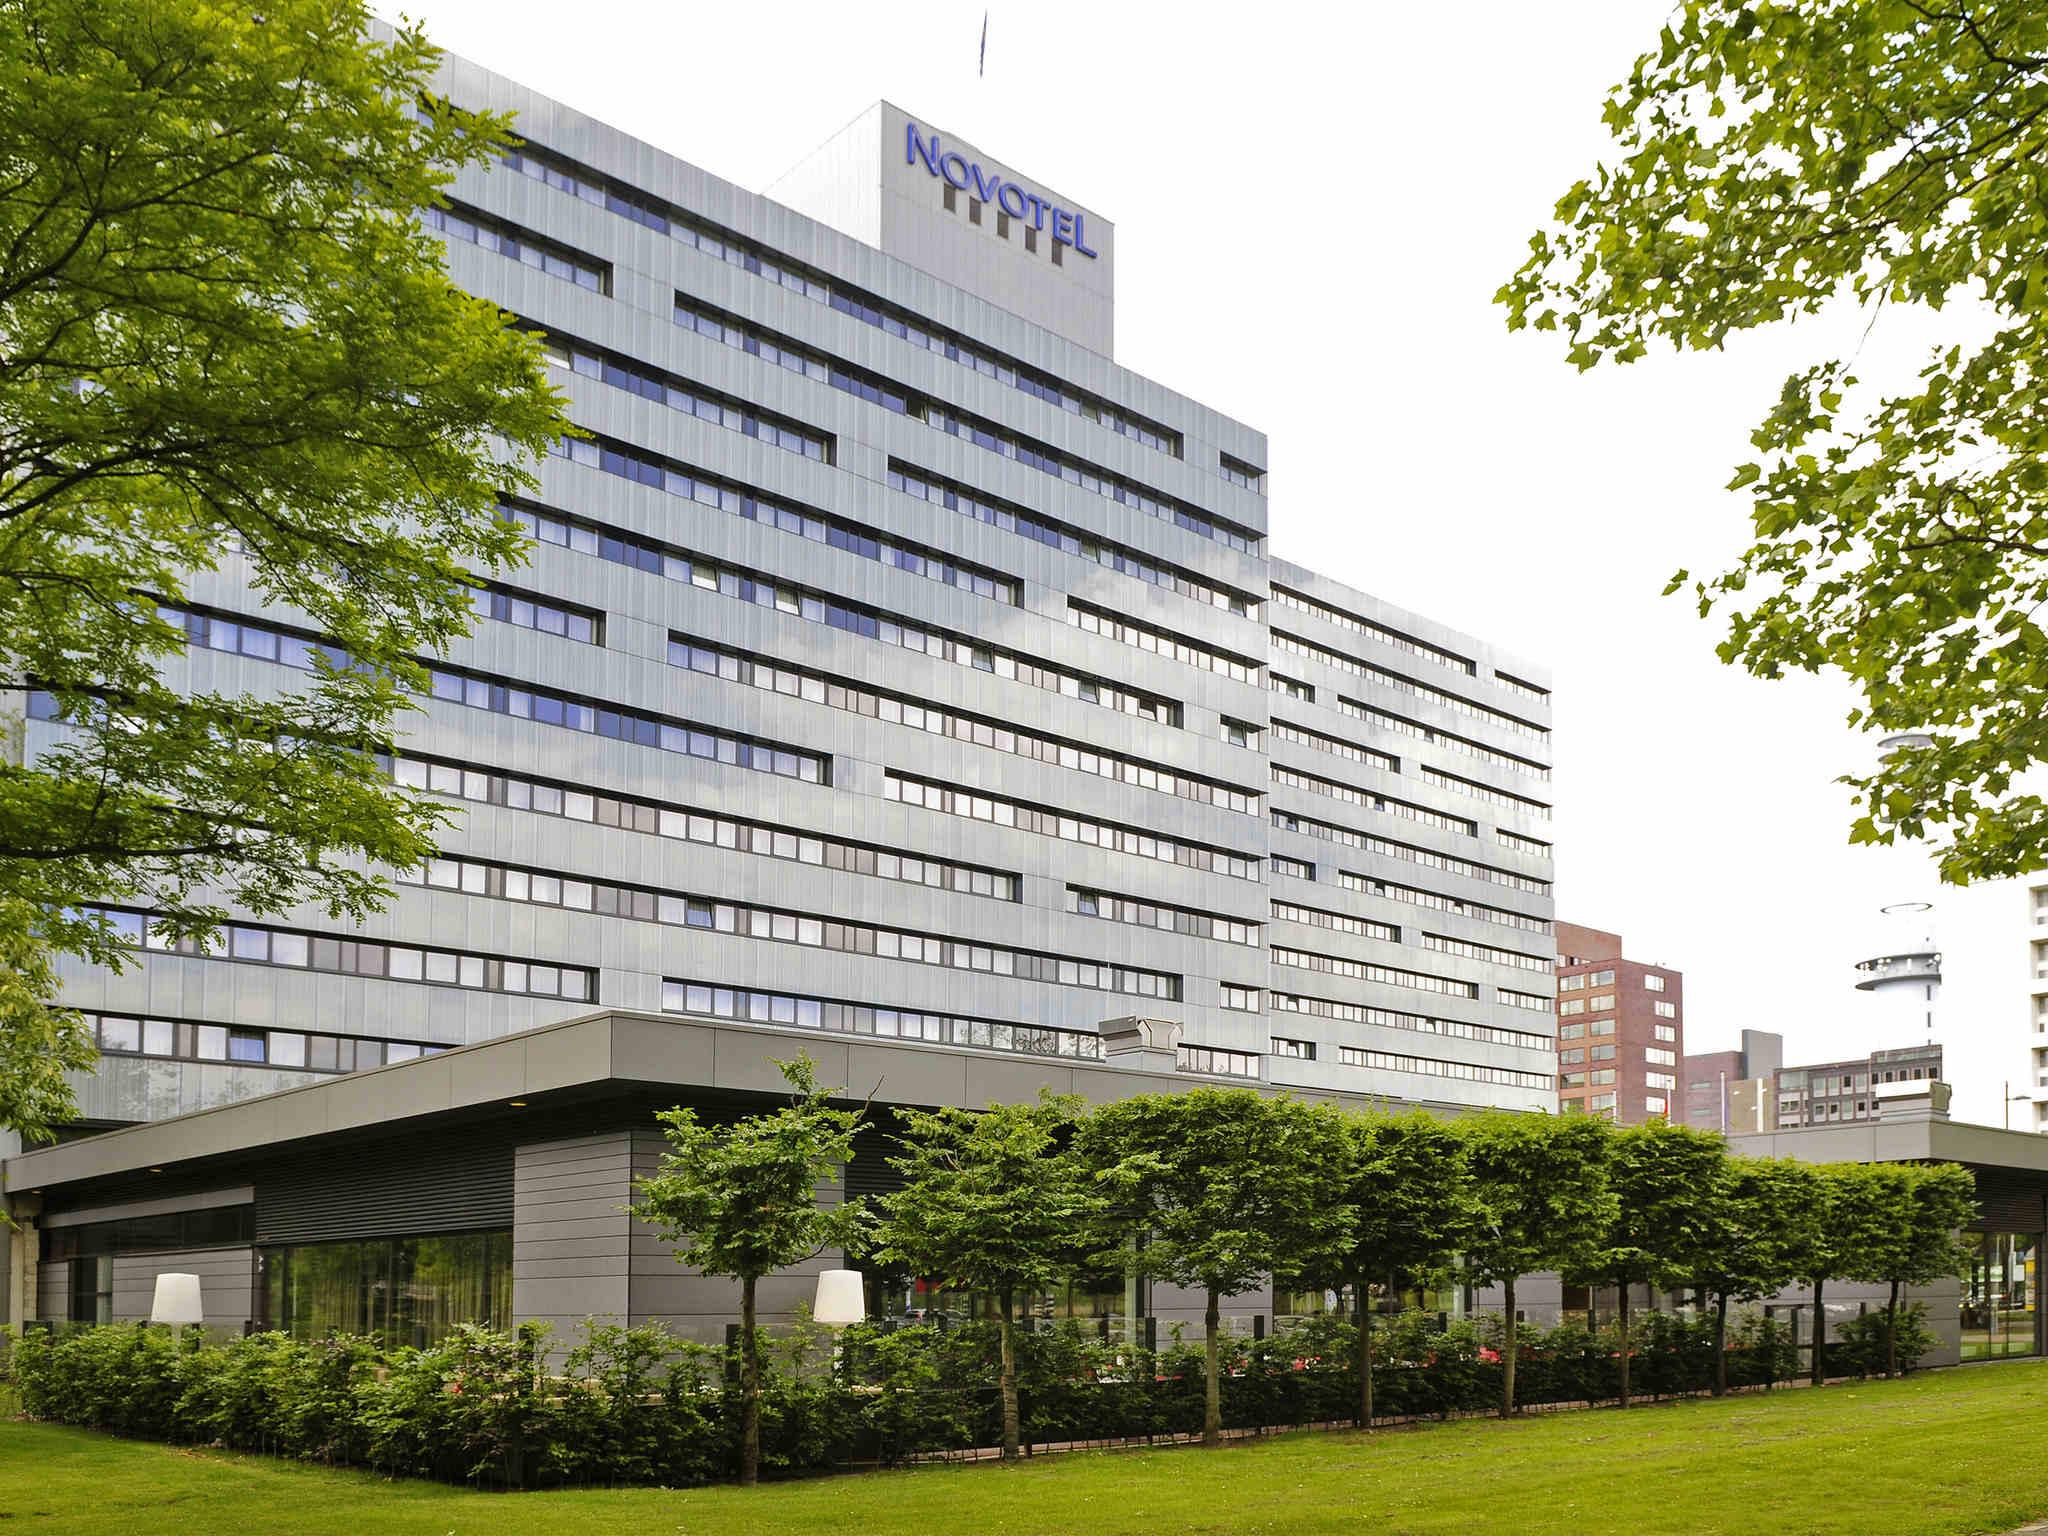 Novotel hotel amsterdam 2018 world 39 s best hotels for City hotel amsterdam